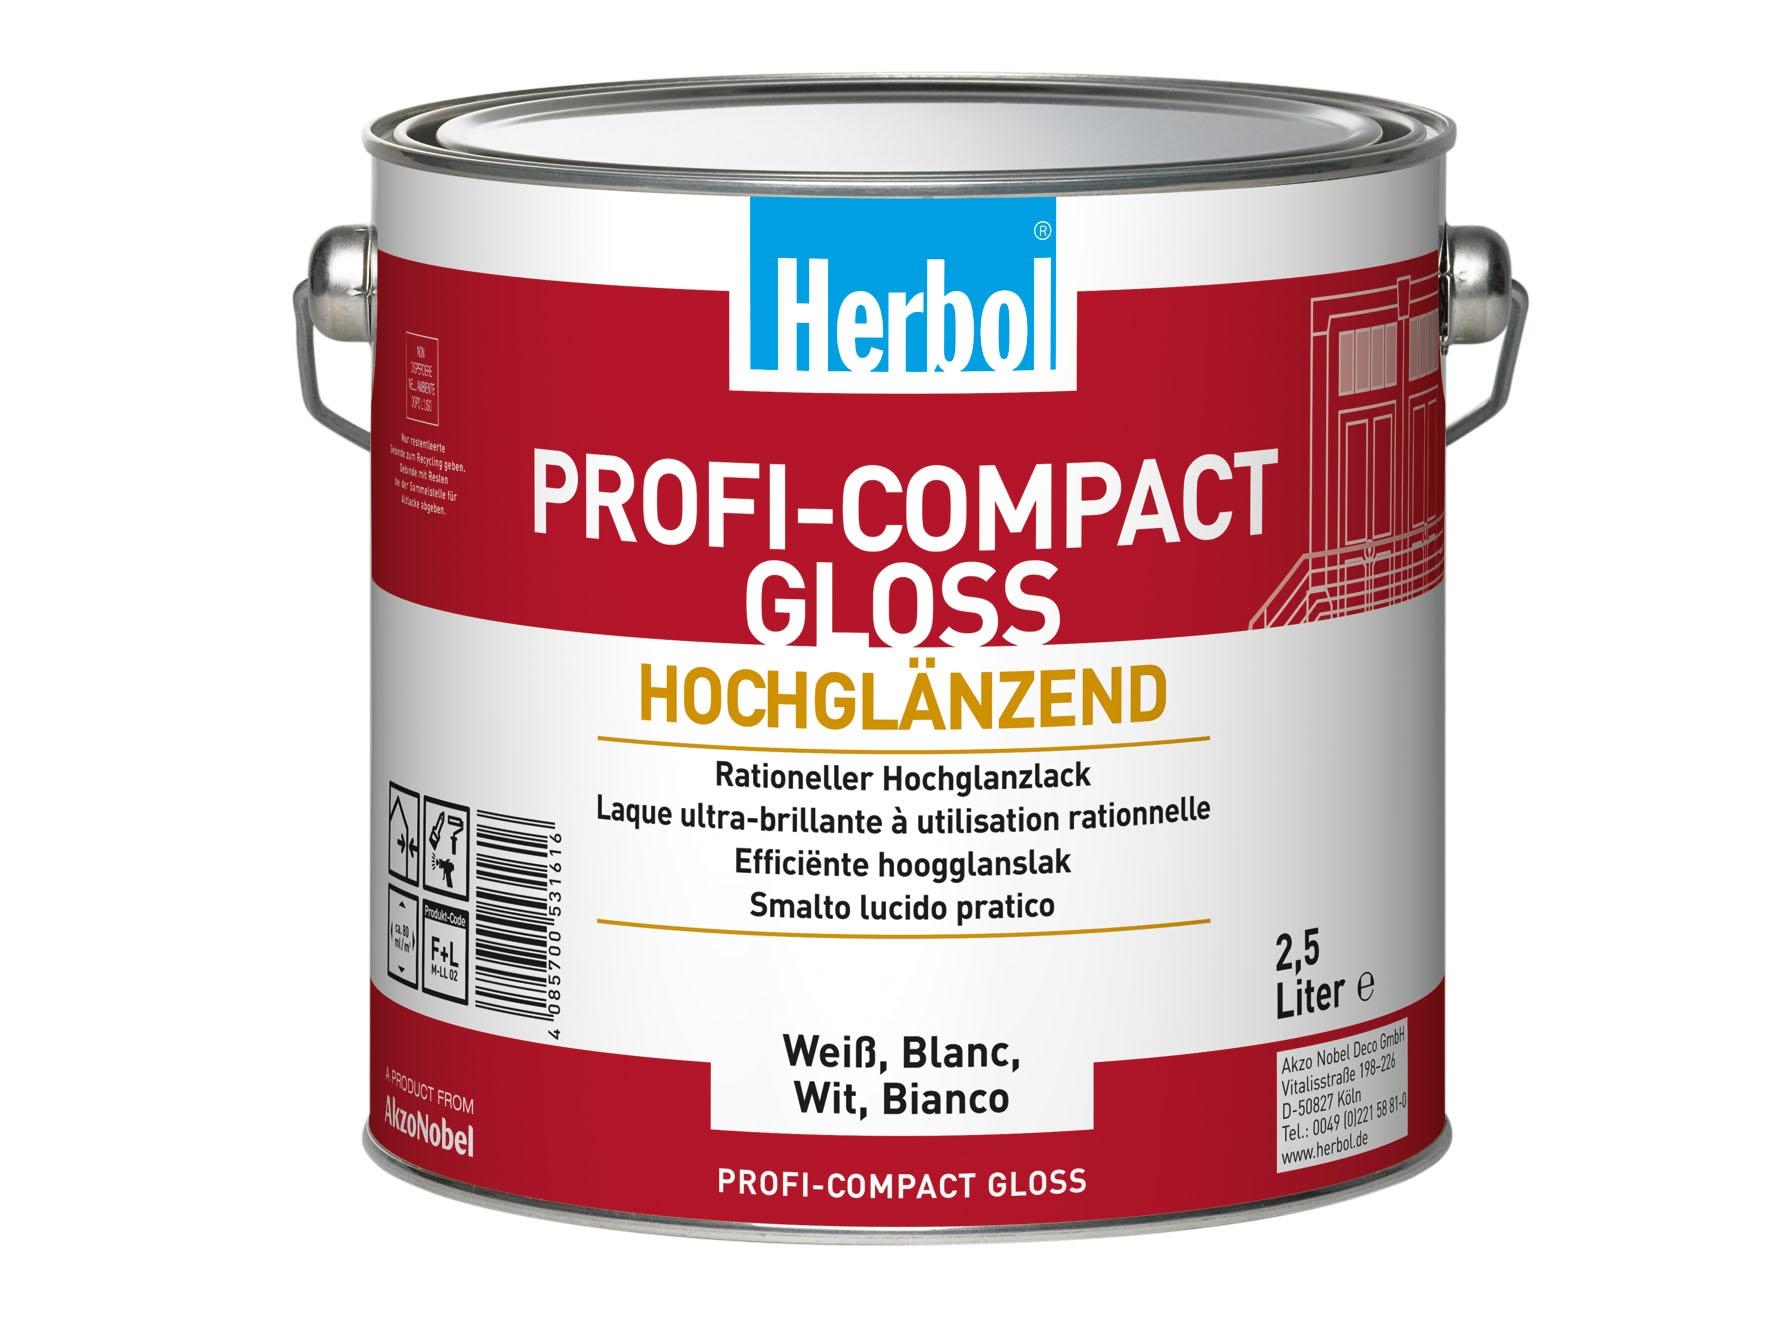 Bild: Herbol Profi Compact Gloss Weiss 2,5 Liter